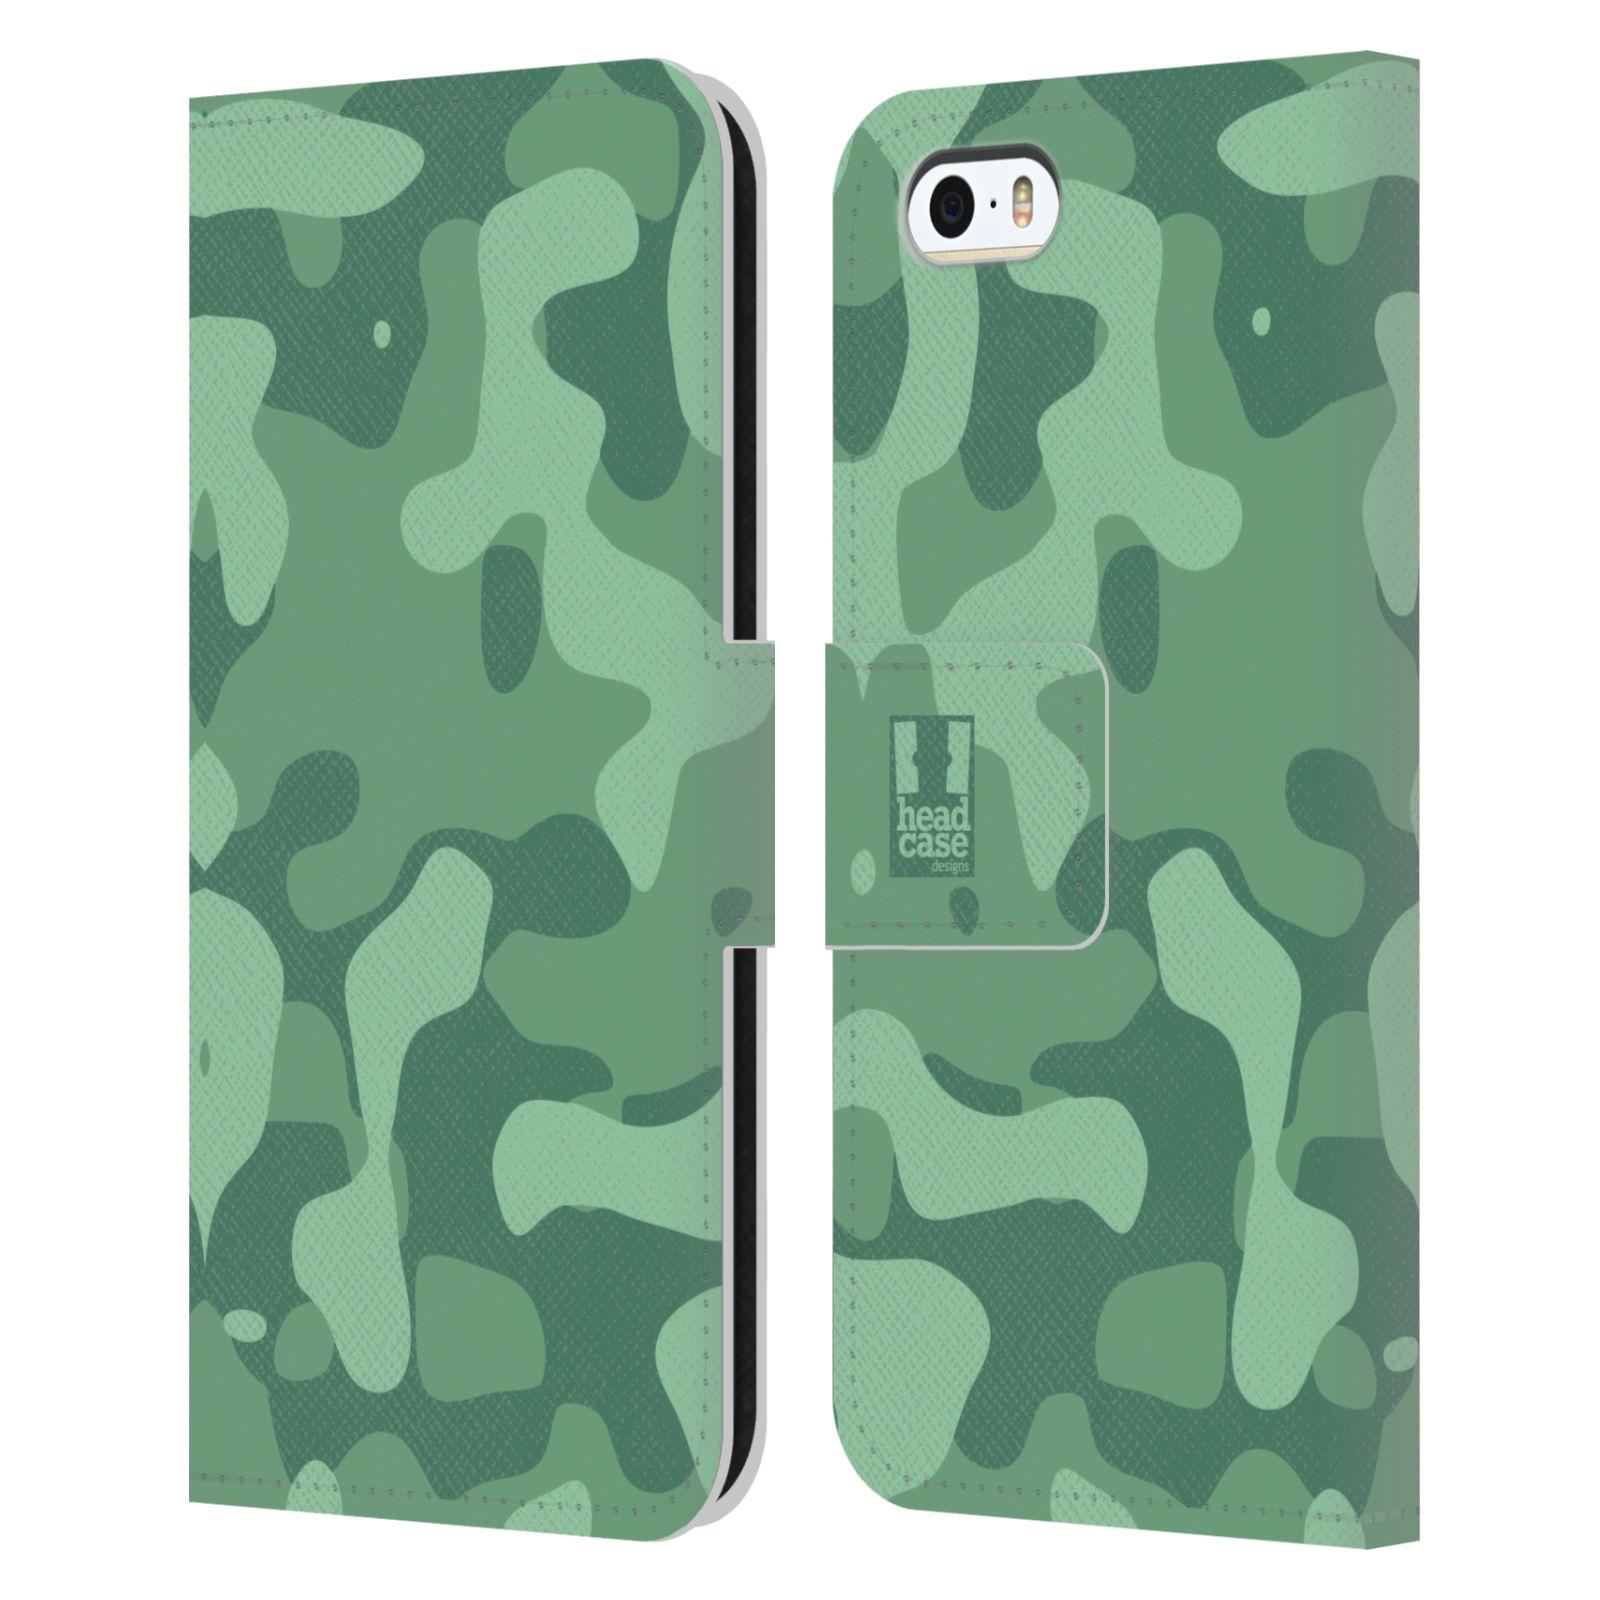 HEAD CASE Flipové pouzdro pro mobil Apple Iphone 5/5s lehká barevná kamufláž mentol zelená